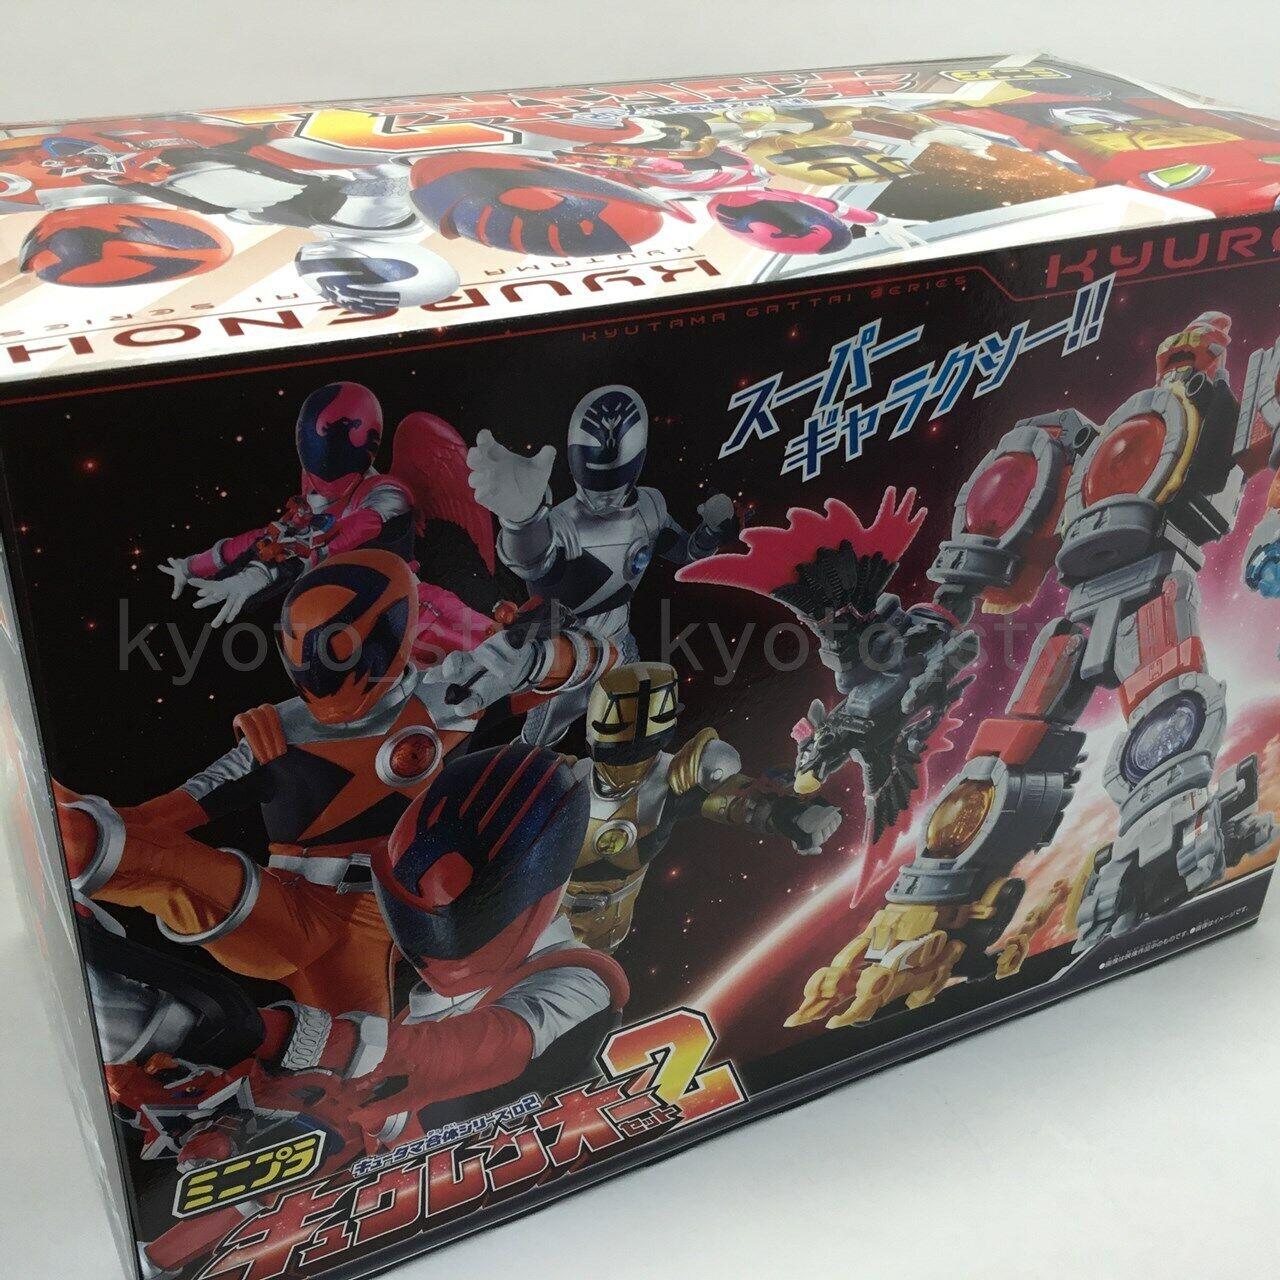 NEW BANDAI Kyuranger Mini Pla Kyutama Gattai 02 Kyurenoh Candy Toy Full Set of 6